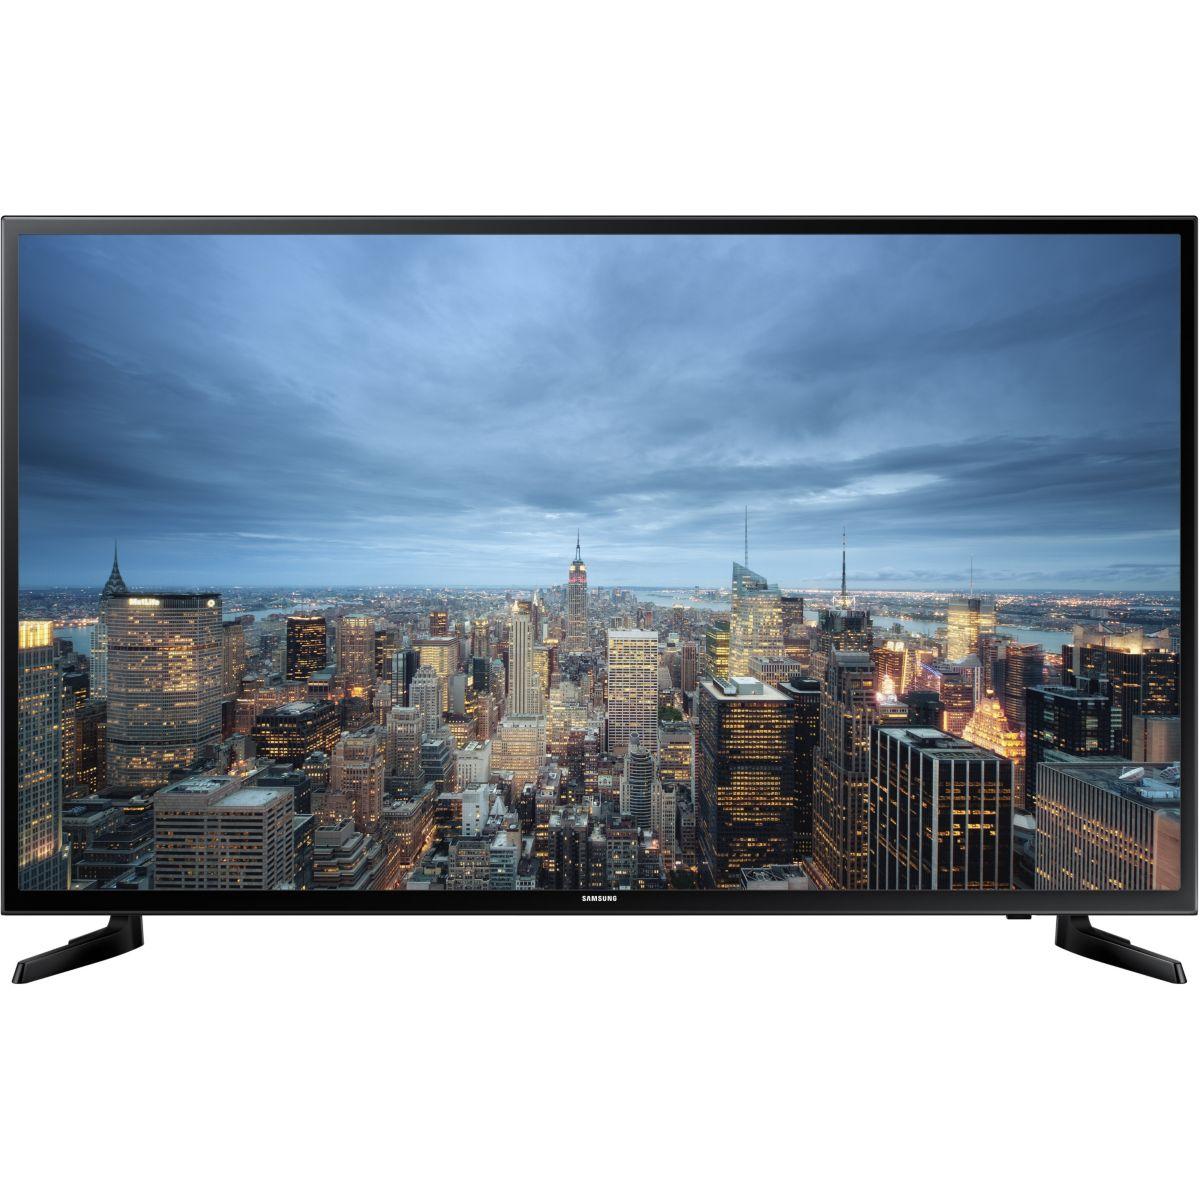 samsung ue40ju6000 t l viseur led 4k 101 cm smart tv comparer avec